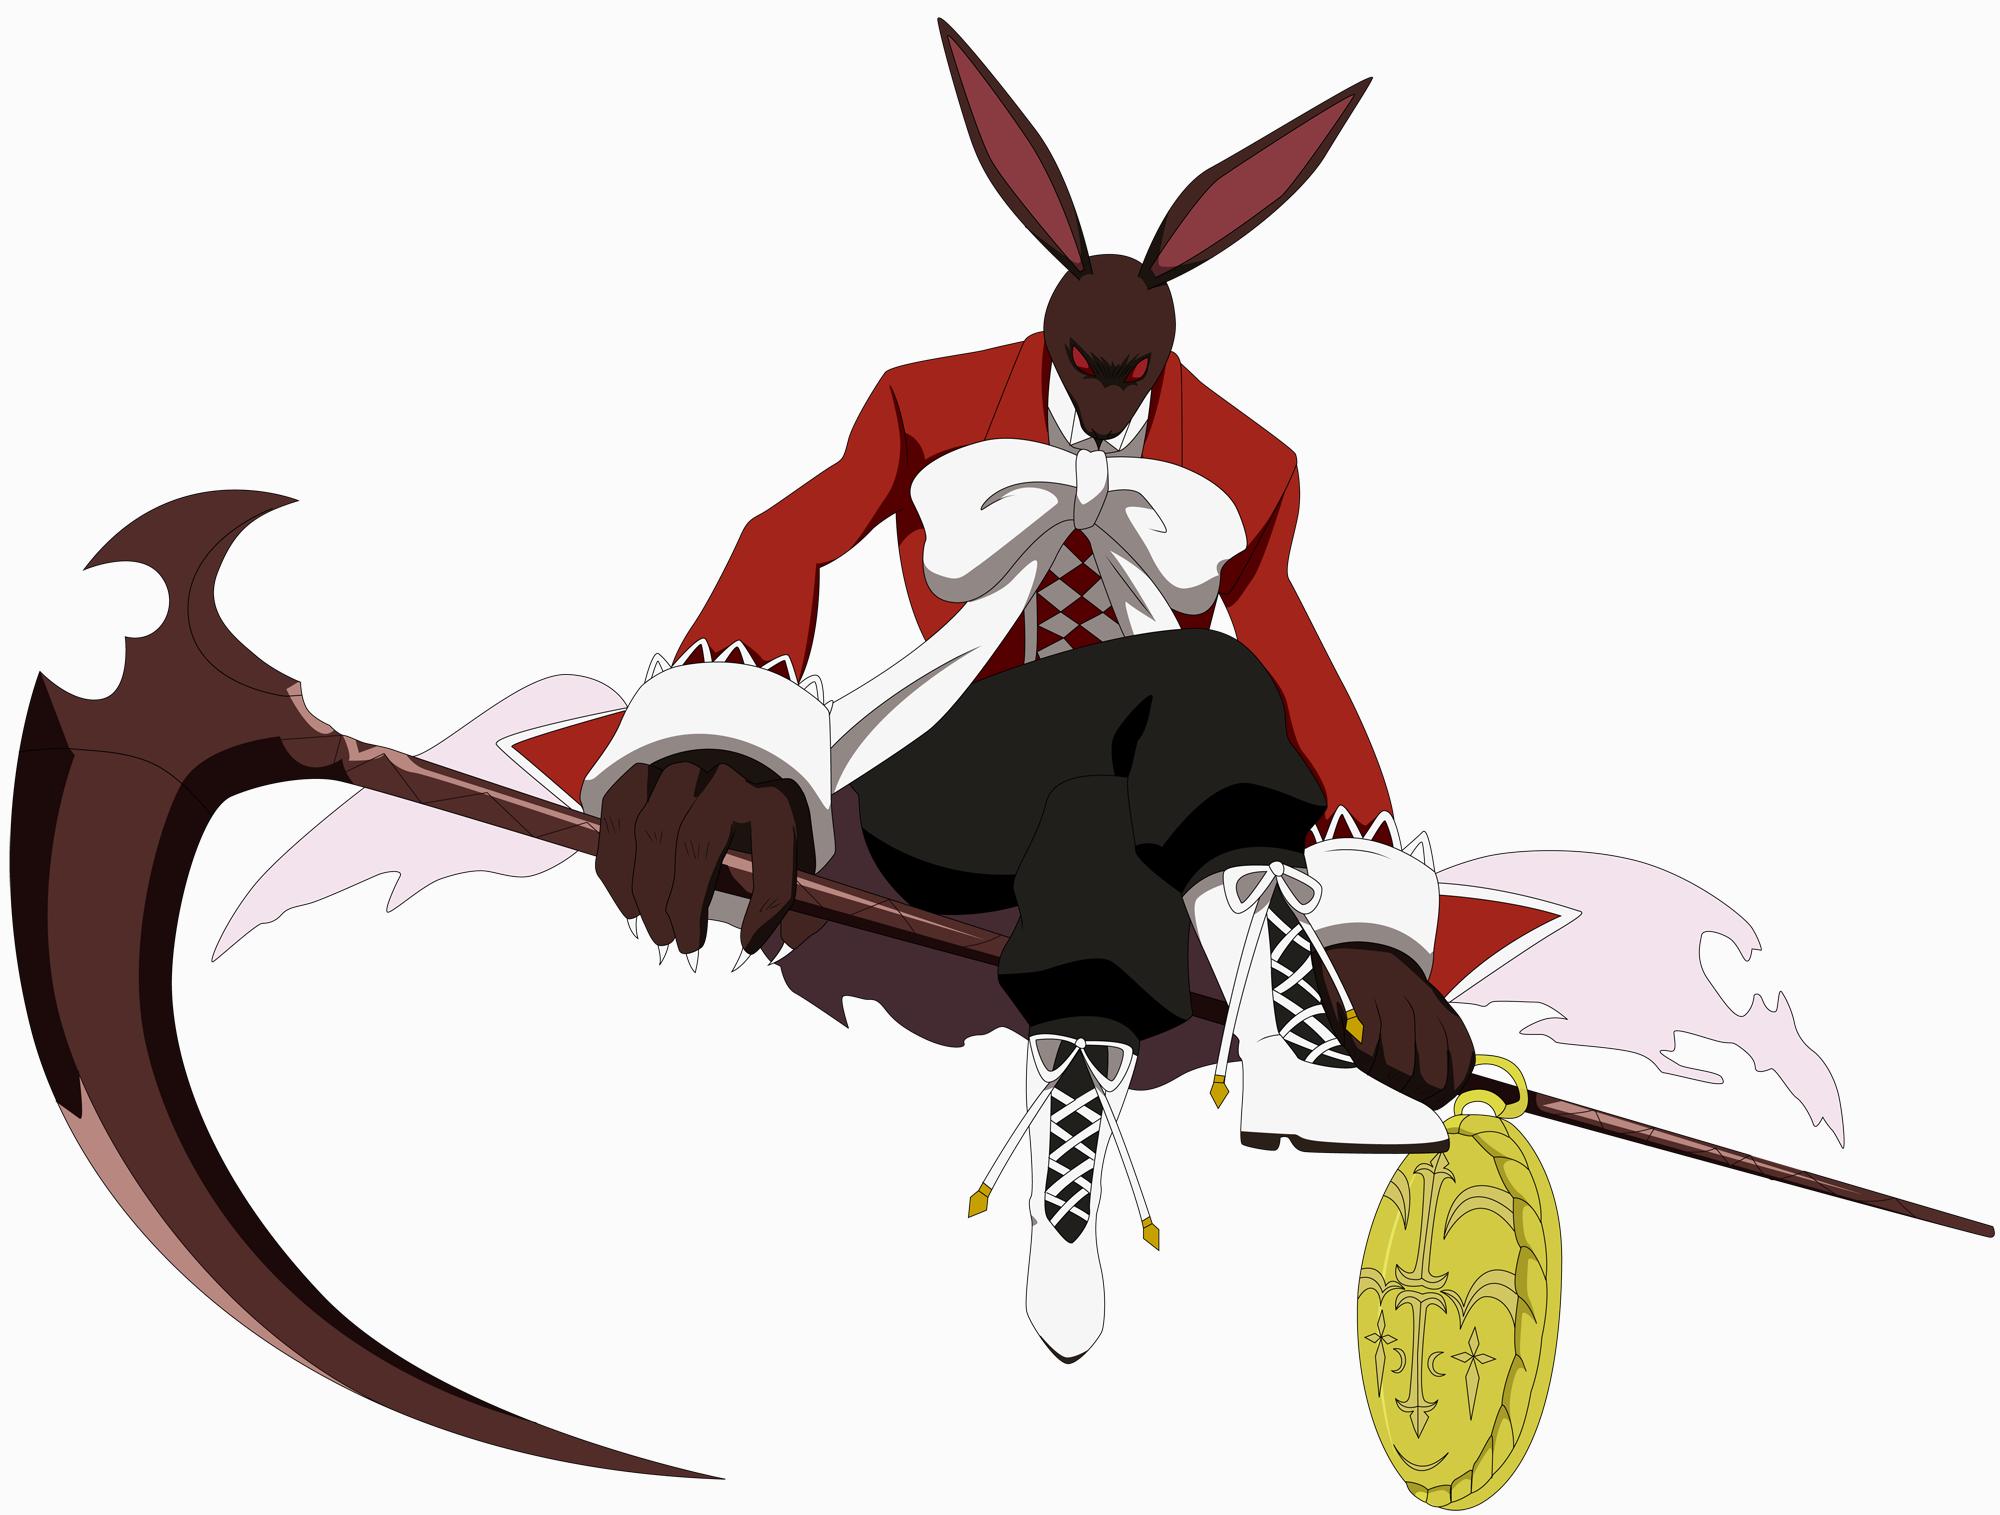 этом картинки кровавого кролика из сердец пандоры используют